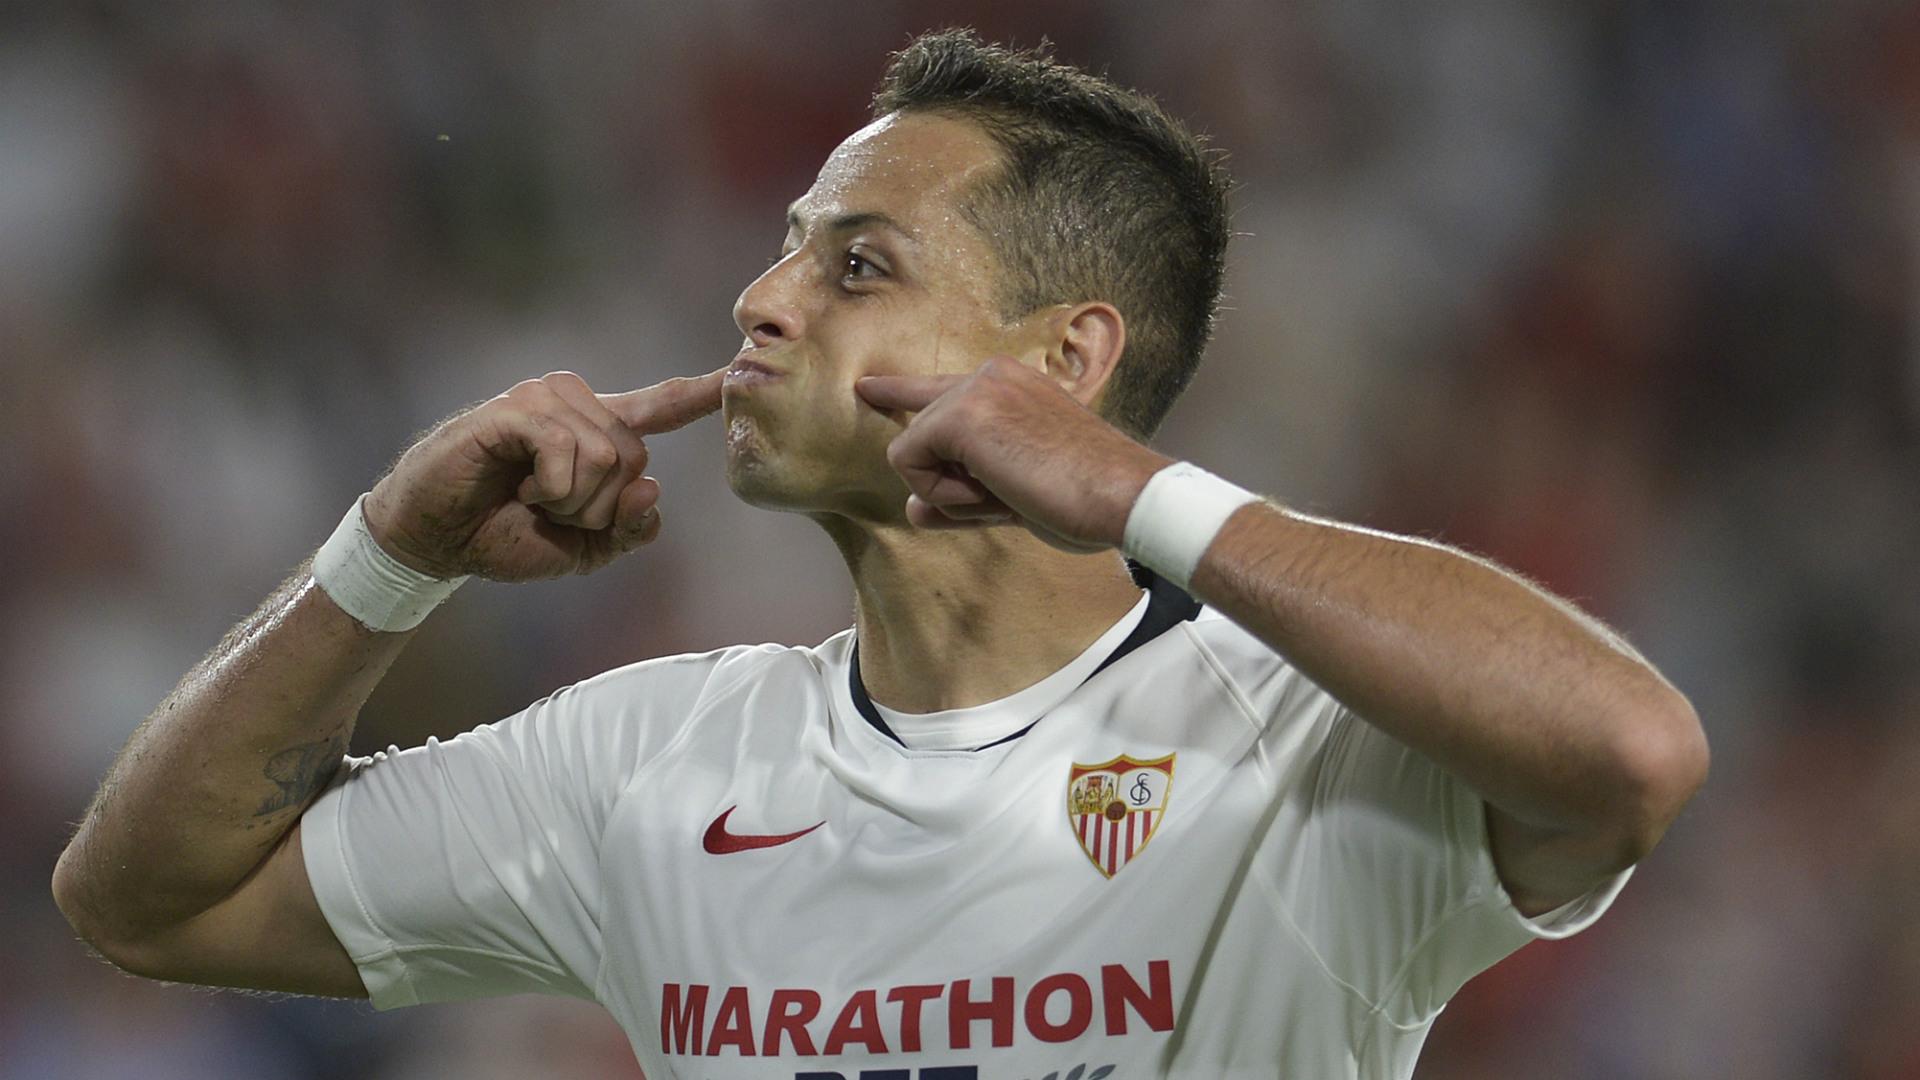 Chicharito set to join LA Galaxy in €9m transfer from Sevilla